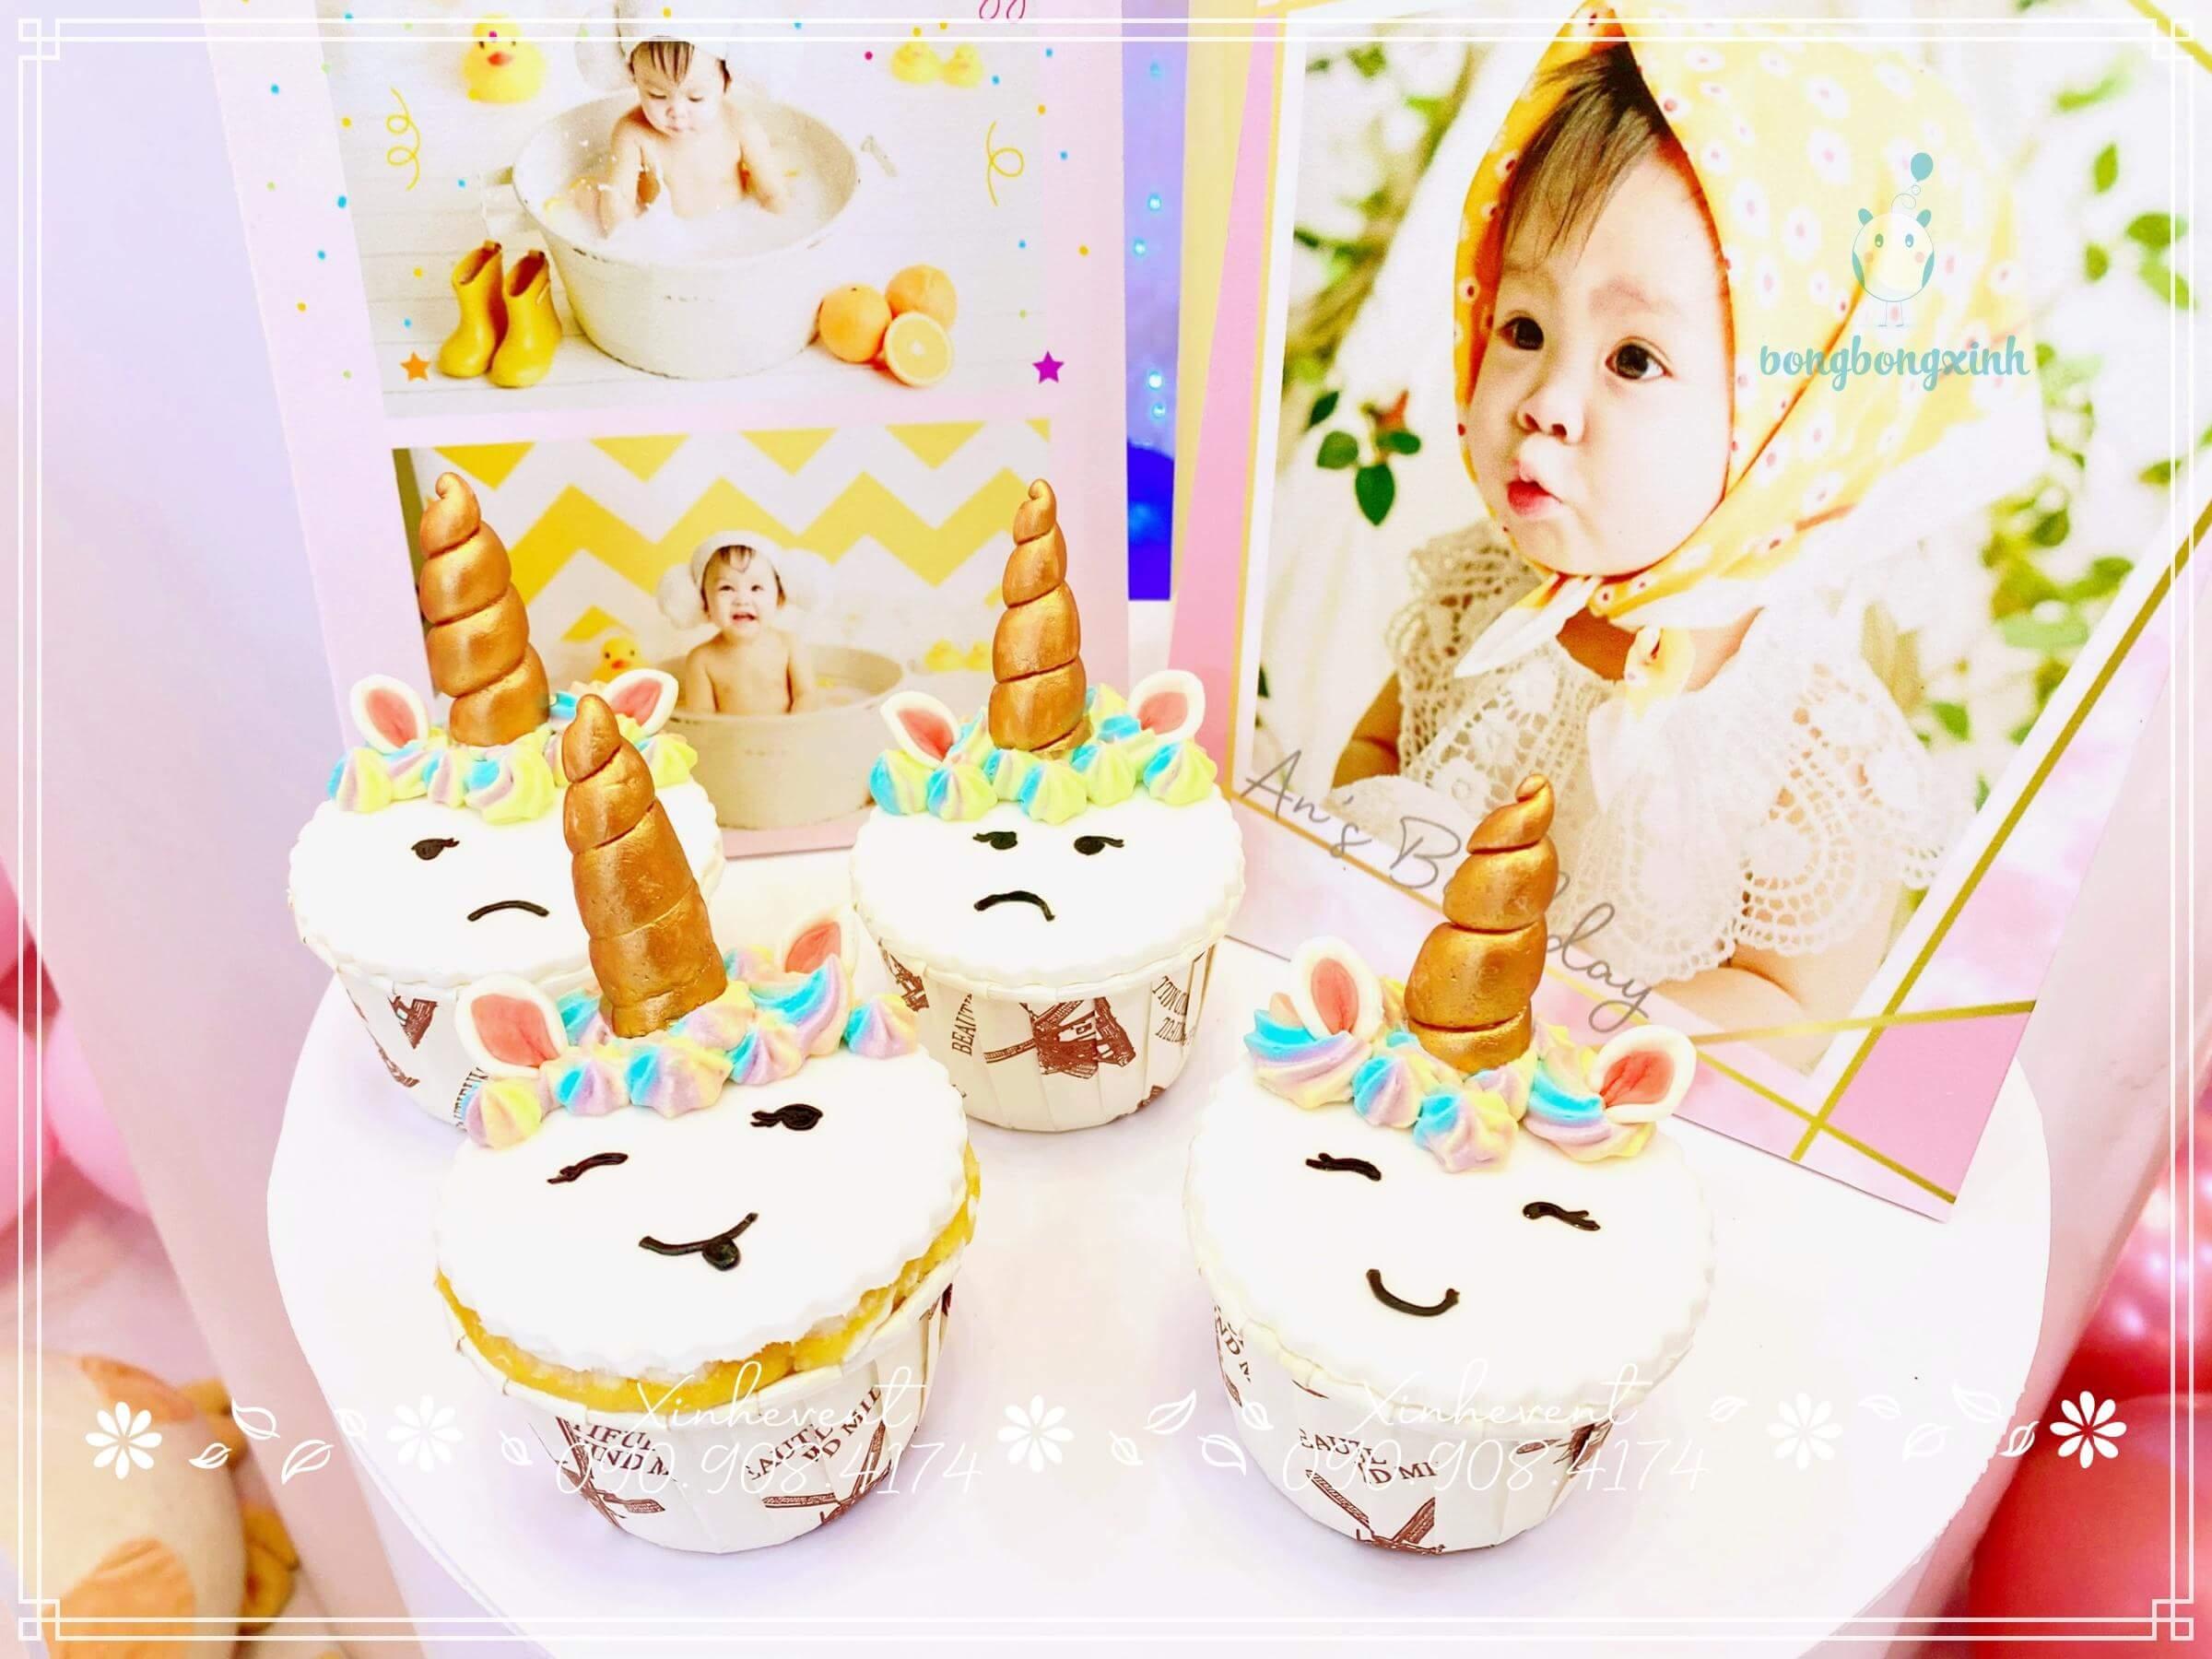 Bánh cupcake dễ thương trang trí cùng hình ảnh đáng yêu của bé